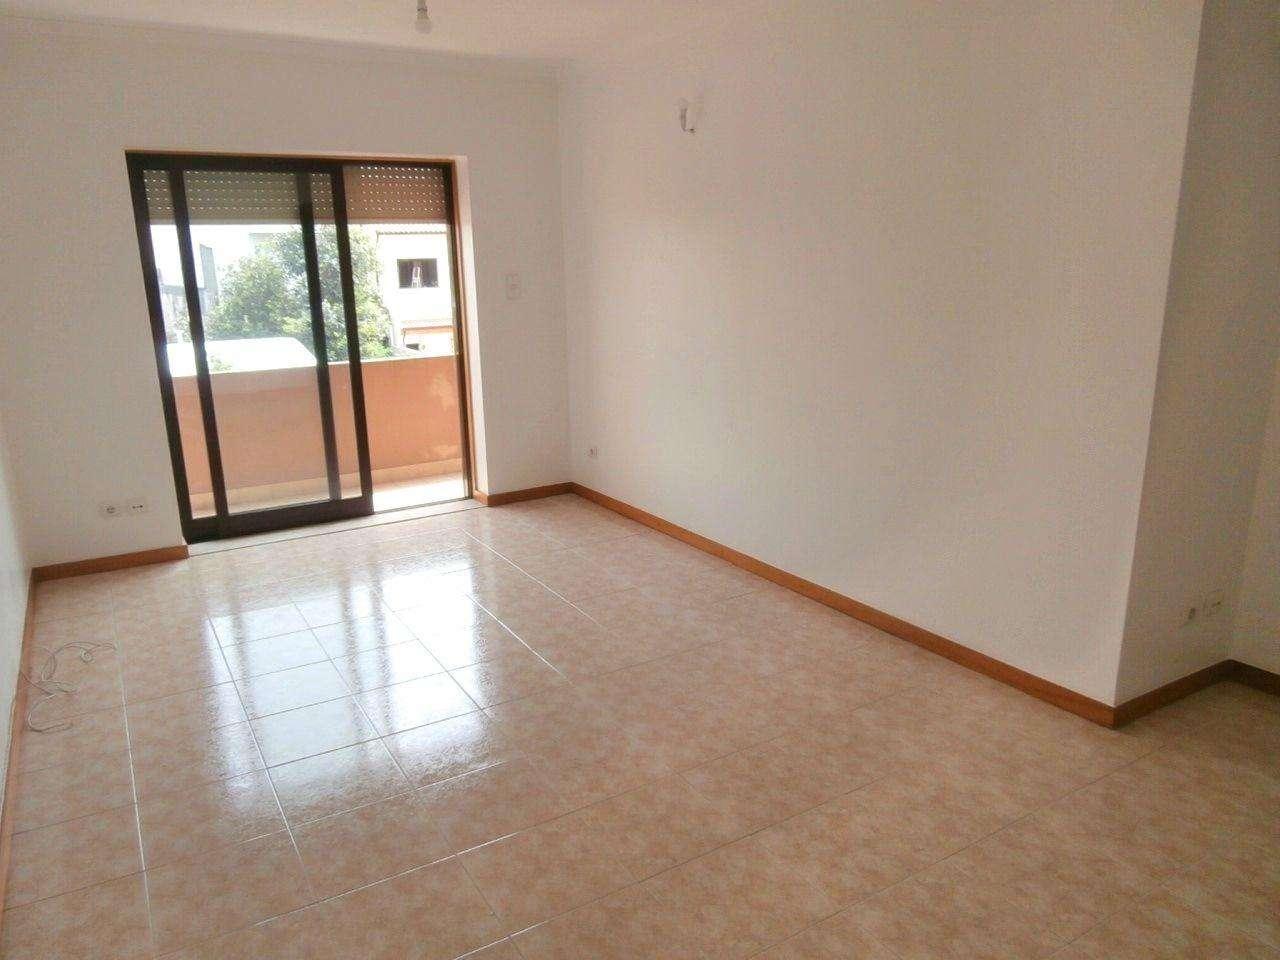 Apartamento para comprar, São Mamede de Infesta e Senhora da Hora, Porto - Foto 1